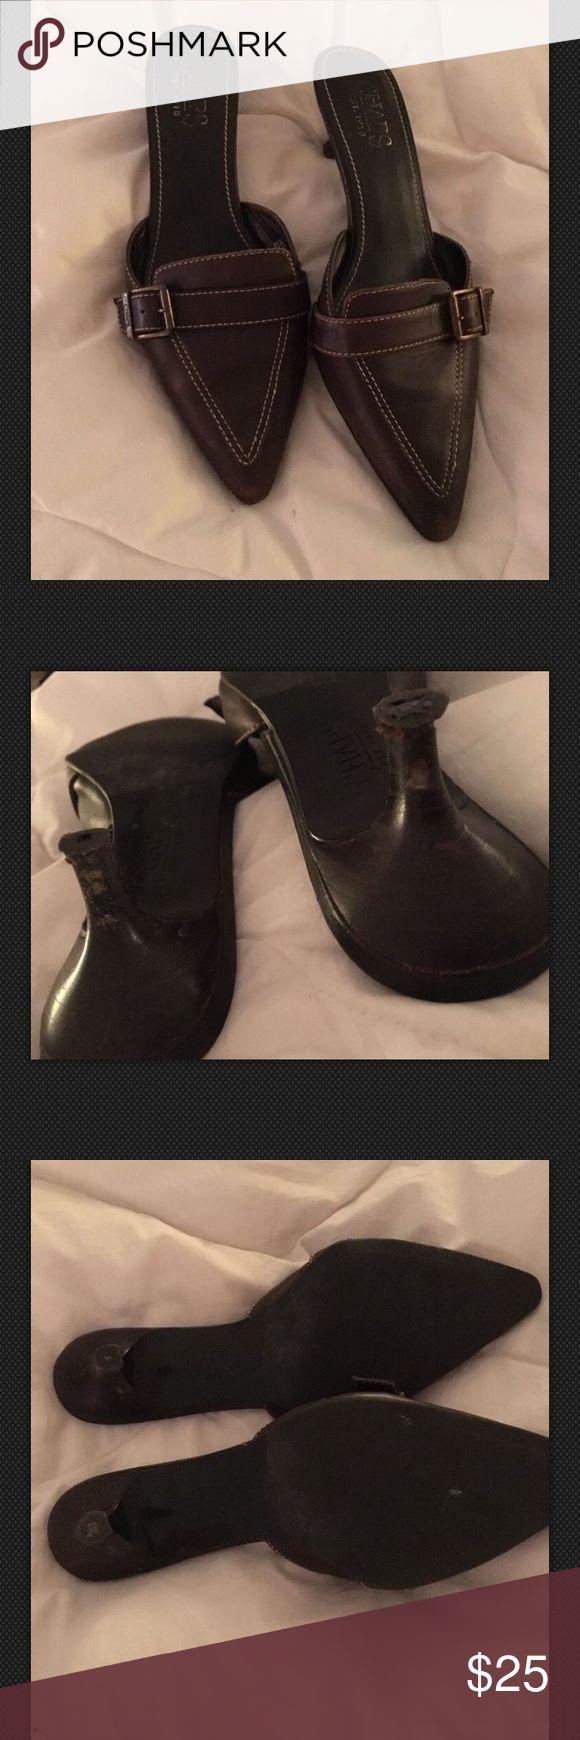 Ralph Lauren Chaps Mules Clogs Pumps Brown Leather Size 6.5 Chaps Shoes Mules & Clogs